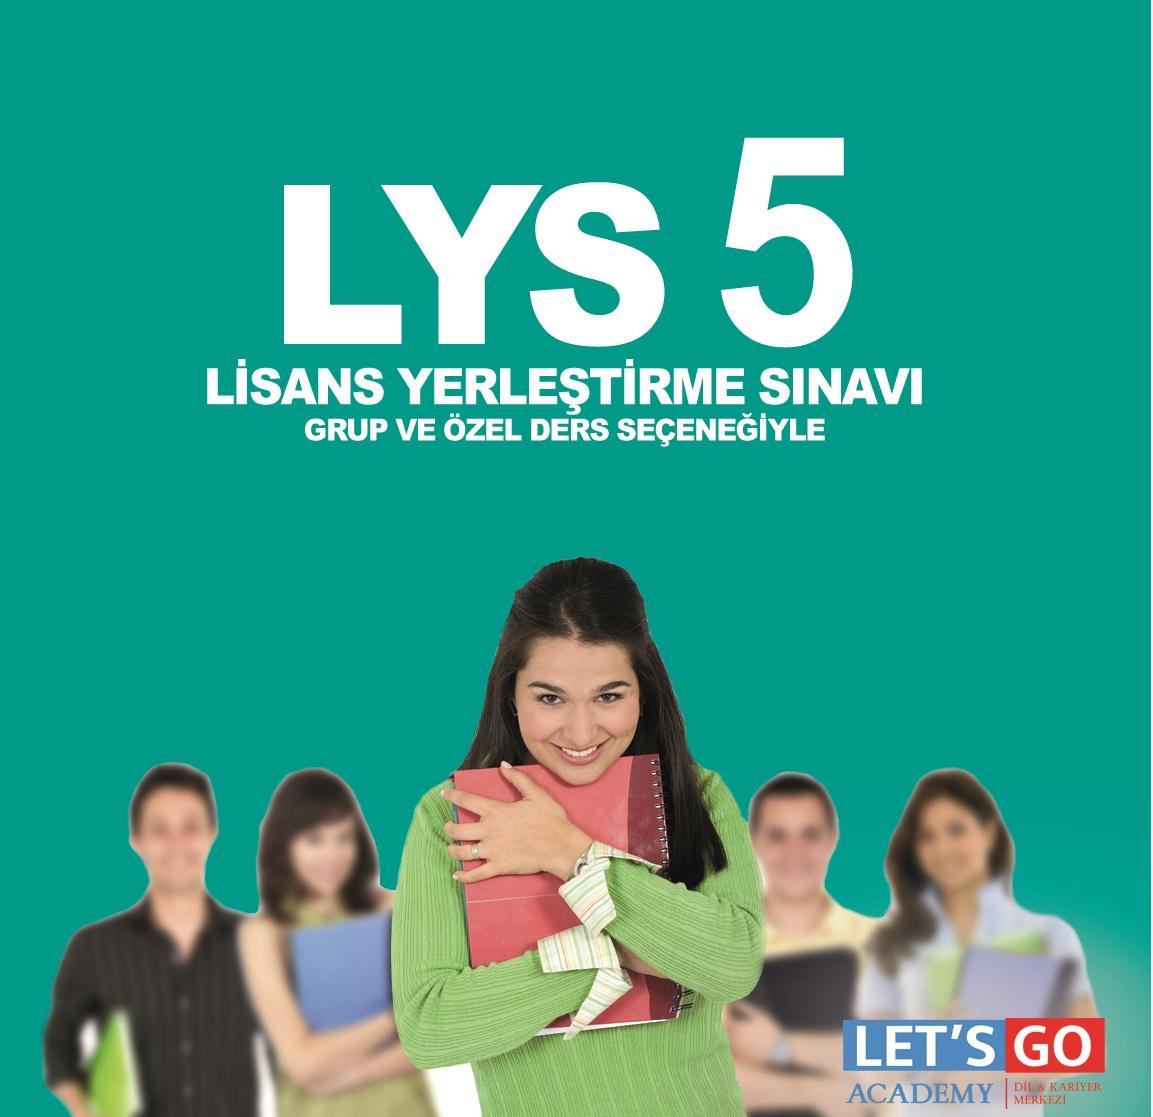 lys5-konya-letsgo-